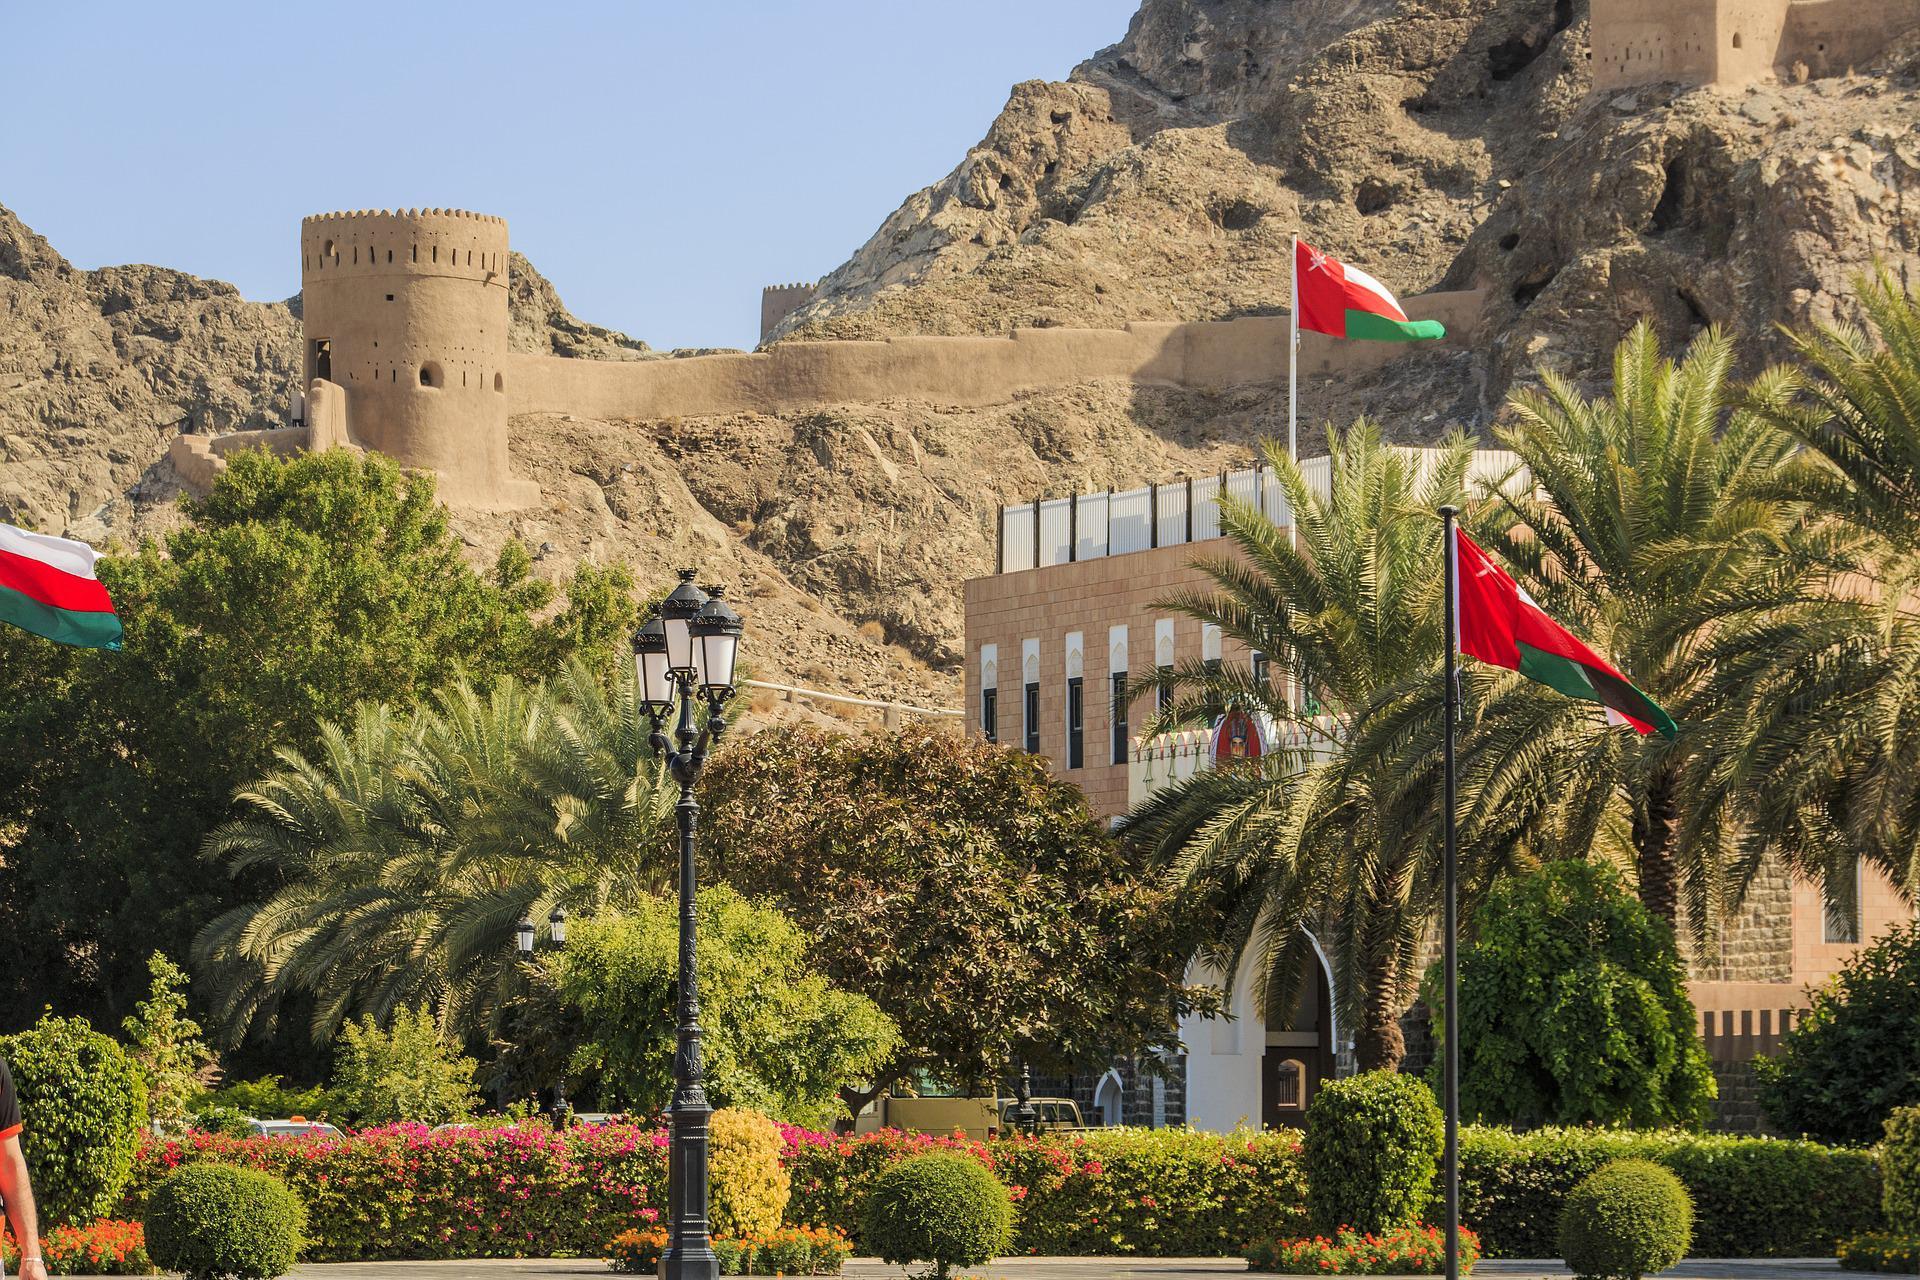 Оман собирается ввести налог на доходы для богатых граждан